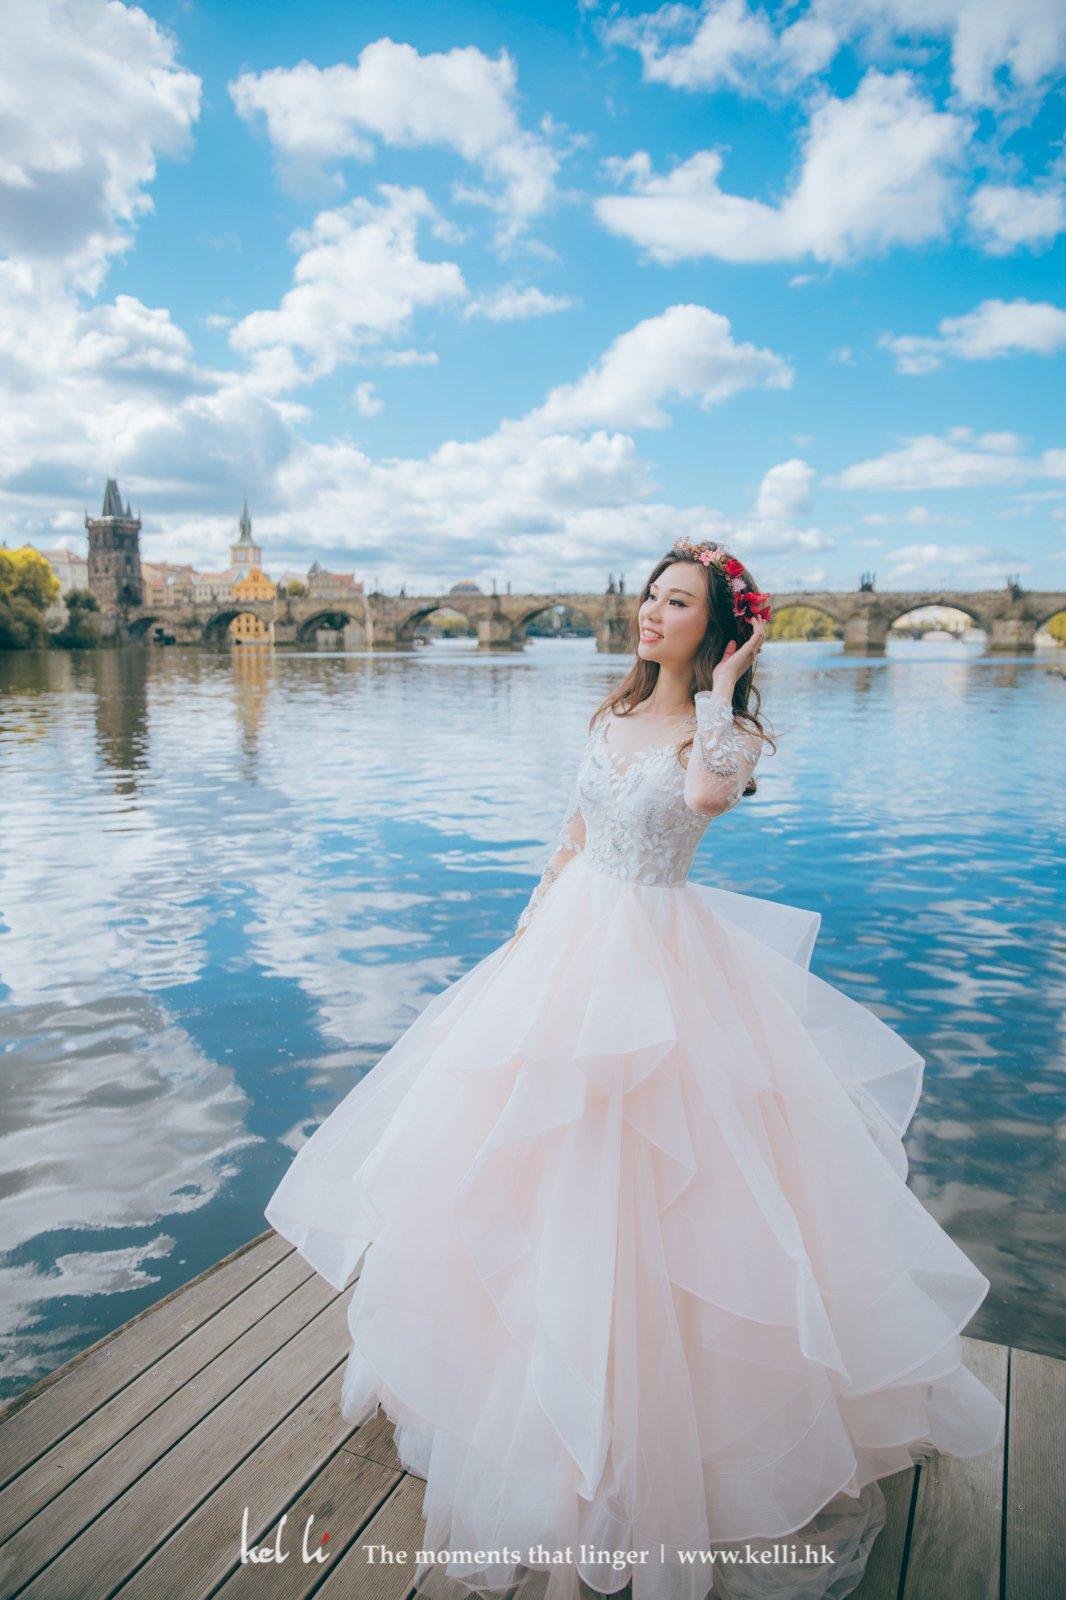 查理大橋、天鵝湖、淺粉紅的婚紗,浪漫爆表。